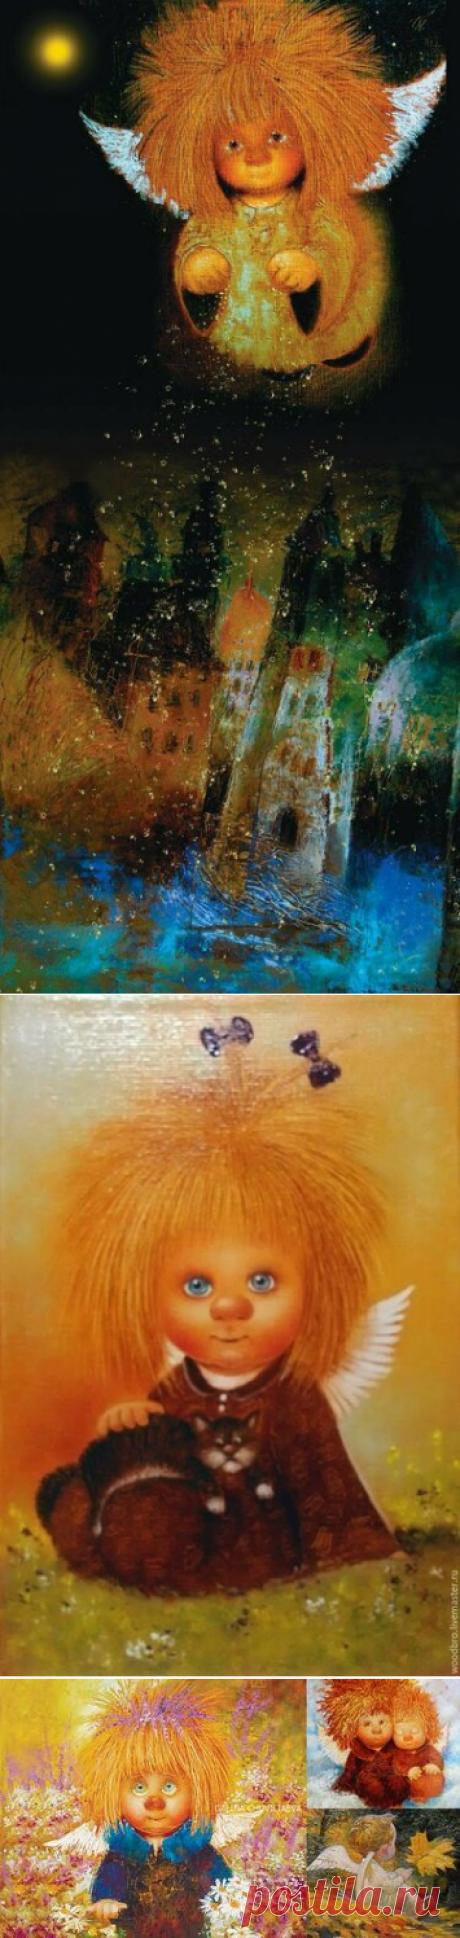 28 карточек в коллекции «Рыжие ангелы Галины и Люси Чувиляевых» пользователя Natalia C. в Яндекс.Коллекциях